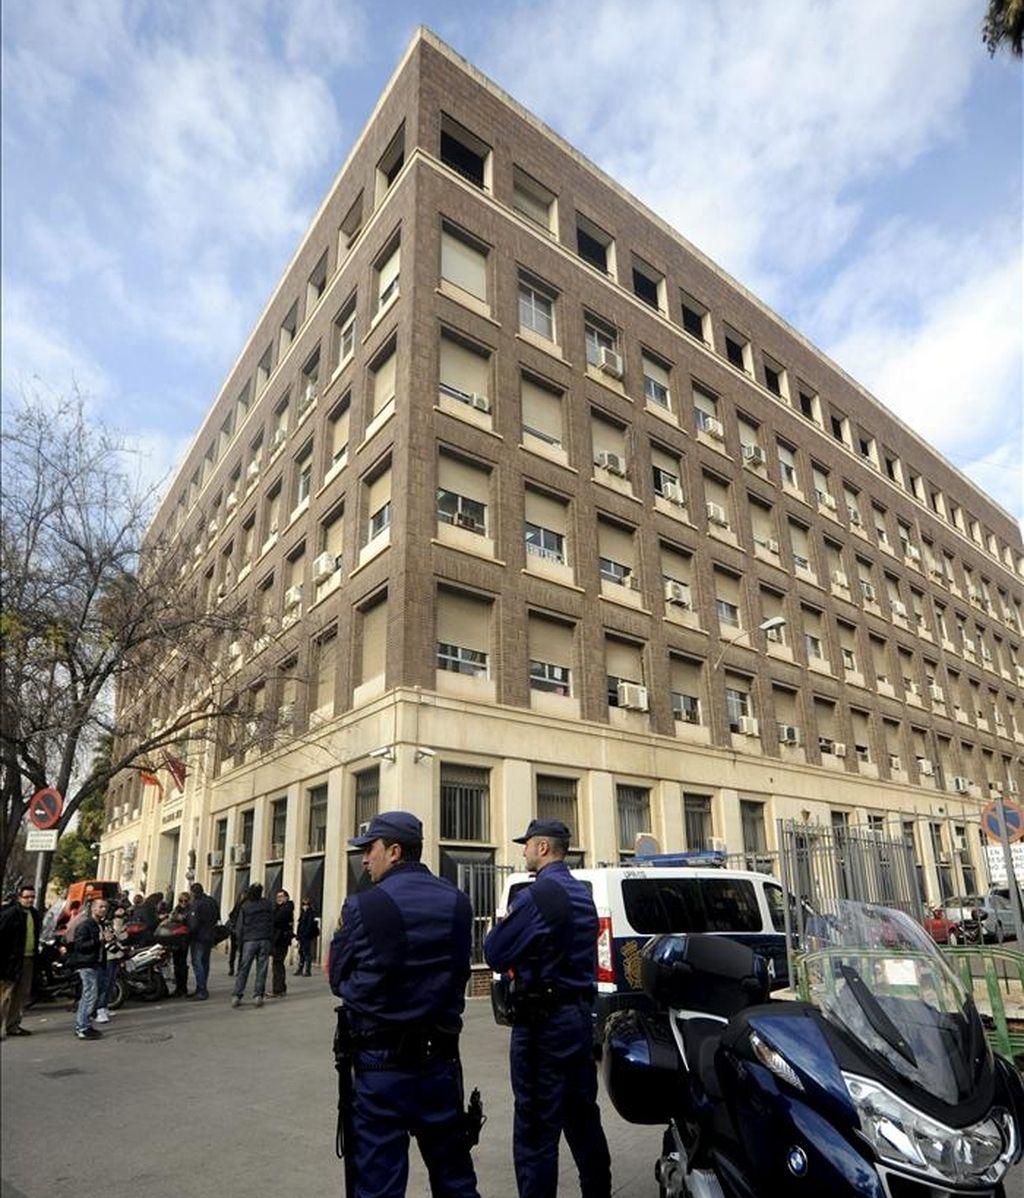 Vista general del exterior de la Audiencia Provincial de Murcia. EFE/Archivo